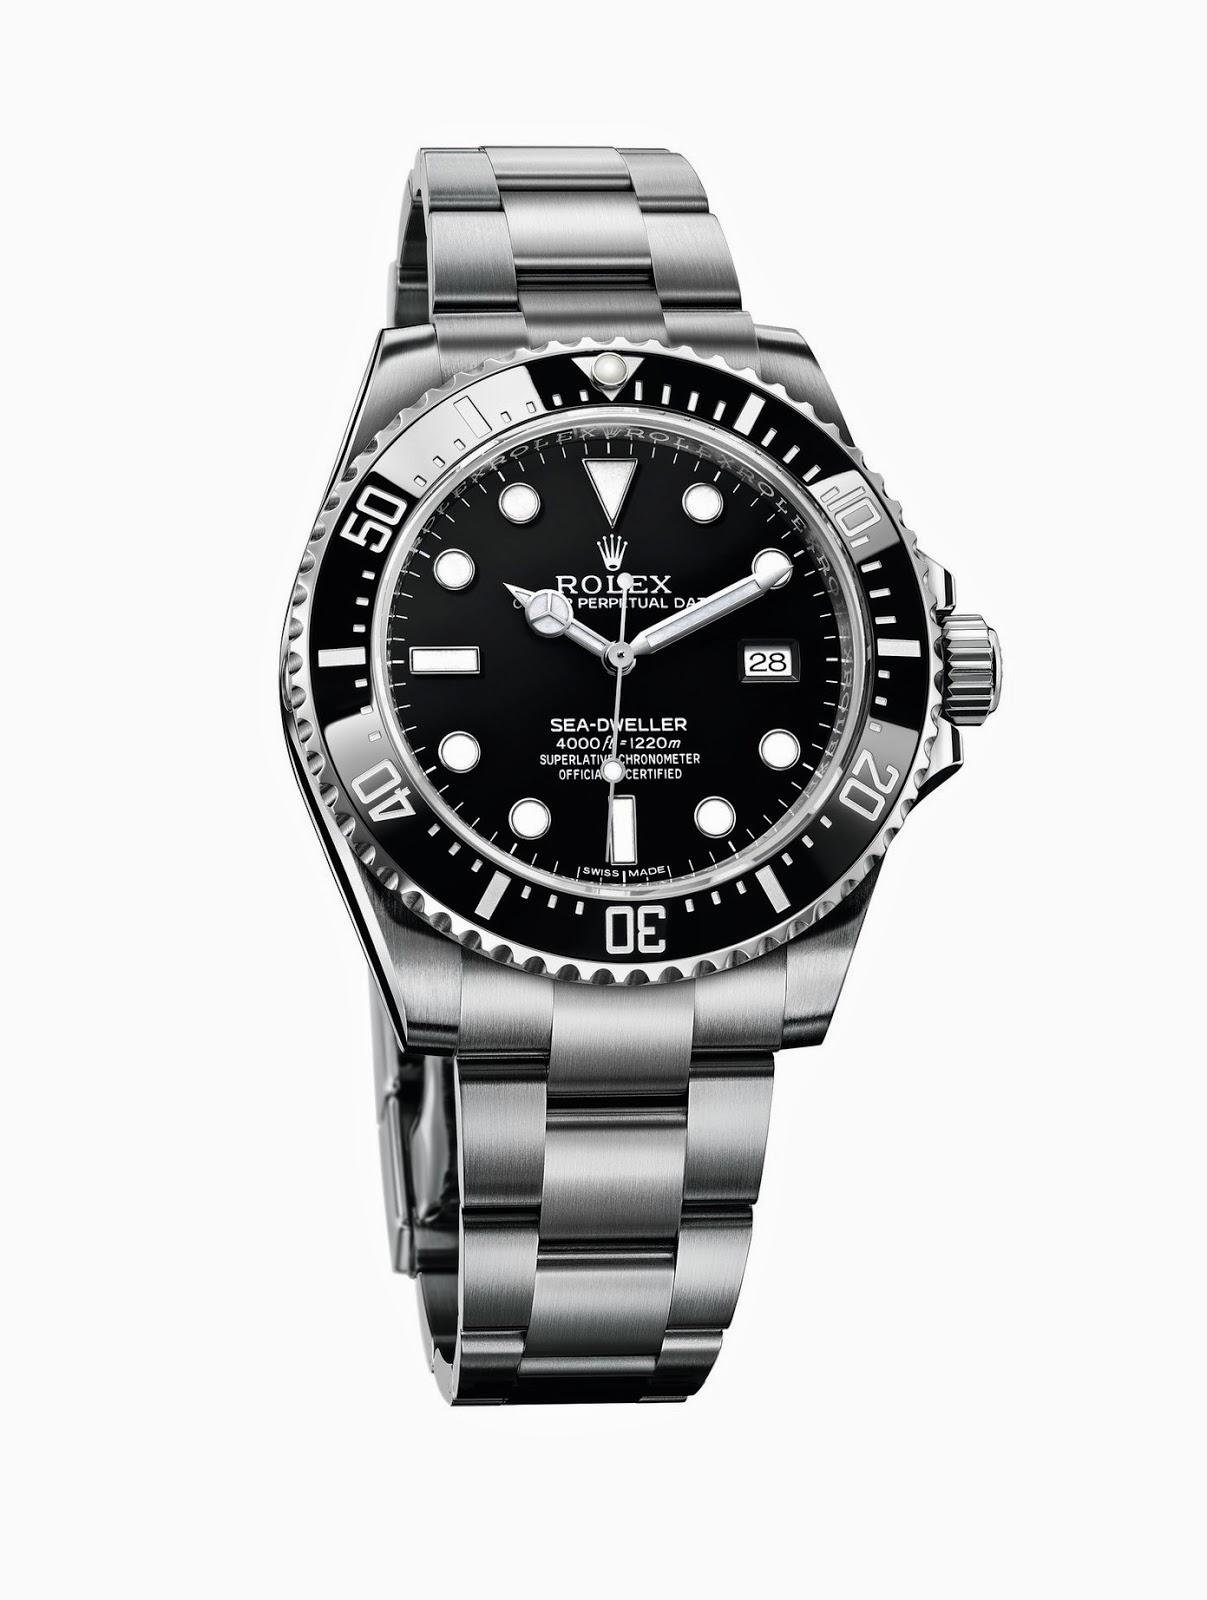 Height of horology rolex sea dweller 4000 ref 116600 for Rolex sea wweller